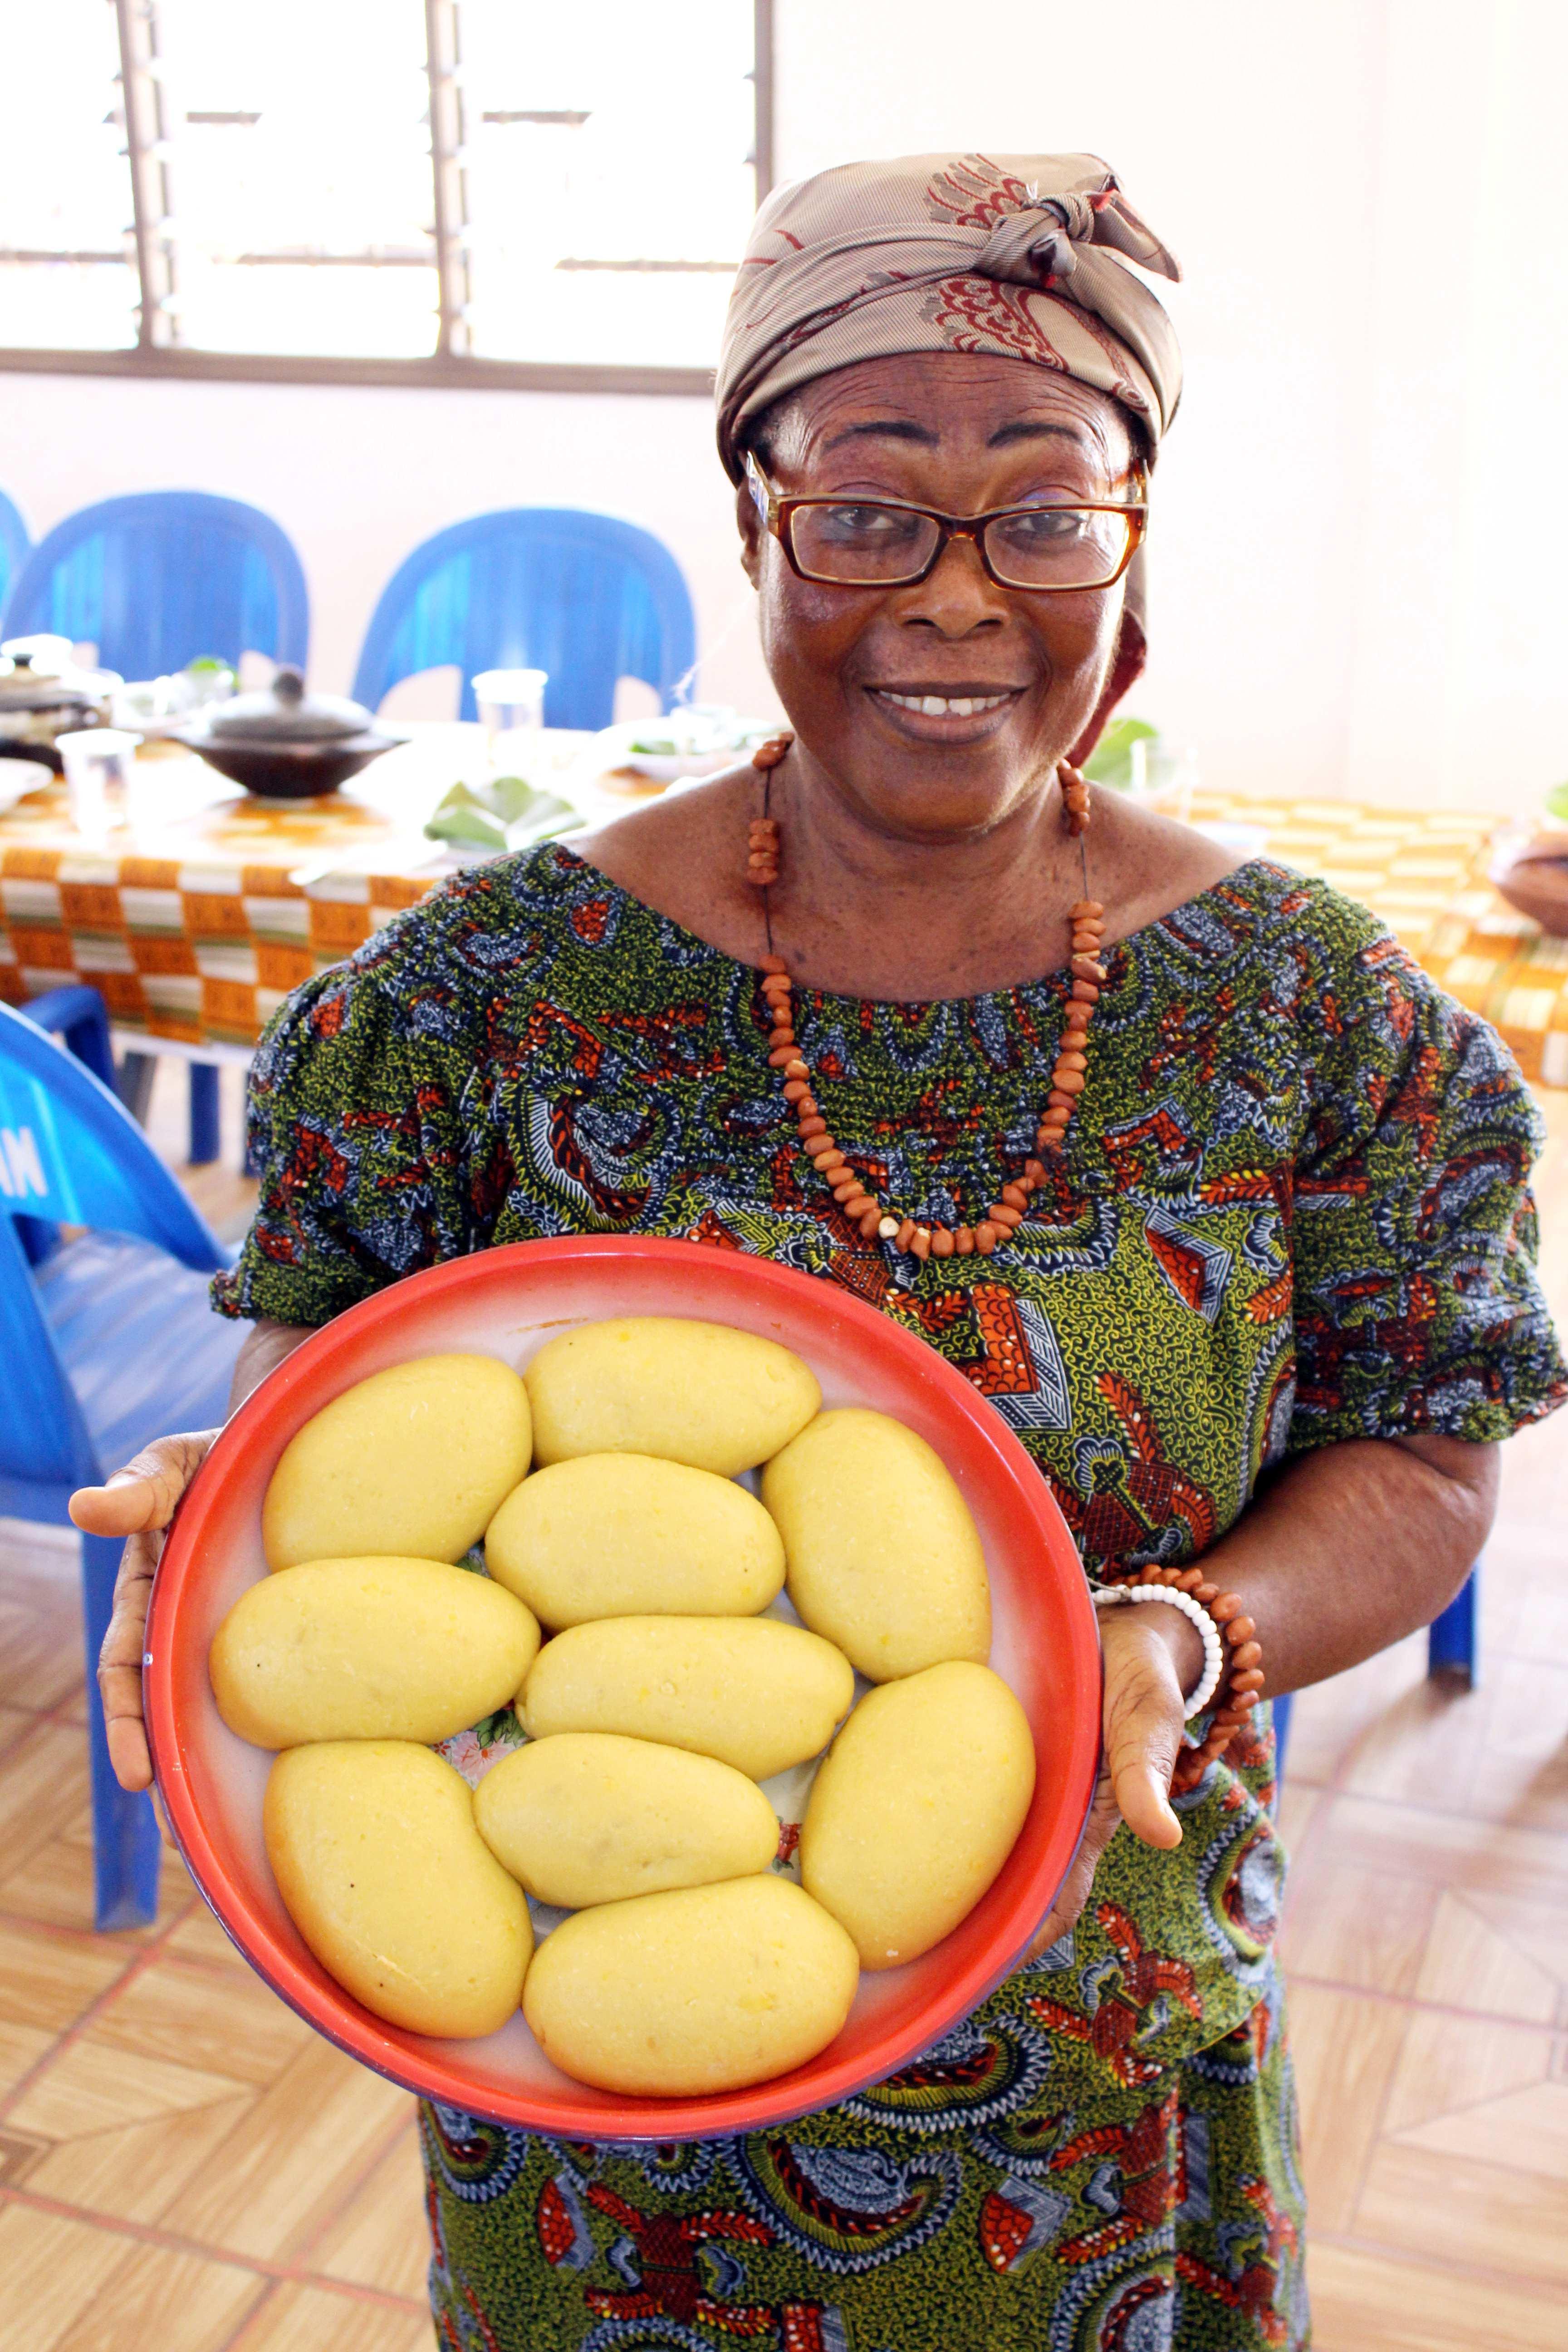 Foutou2 - Bénévolat et Tourisme Solidaire en Côte d'Ivoire : l'expérience de Sofia